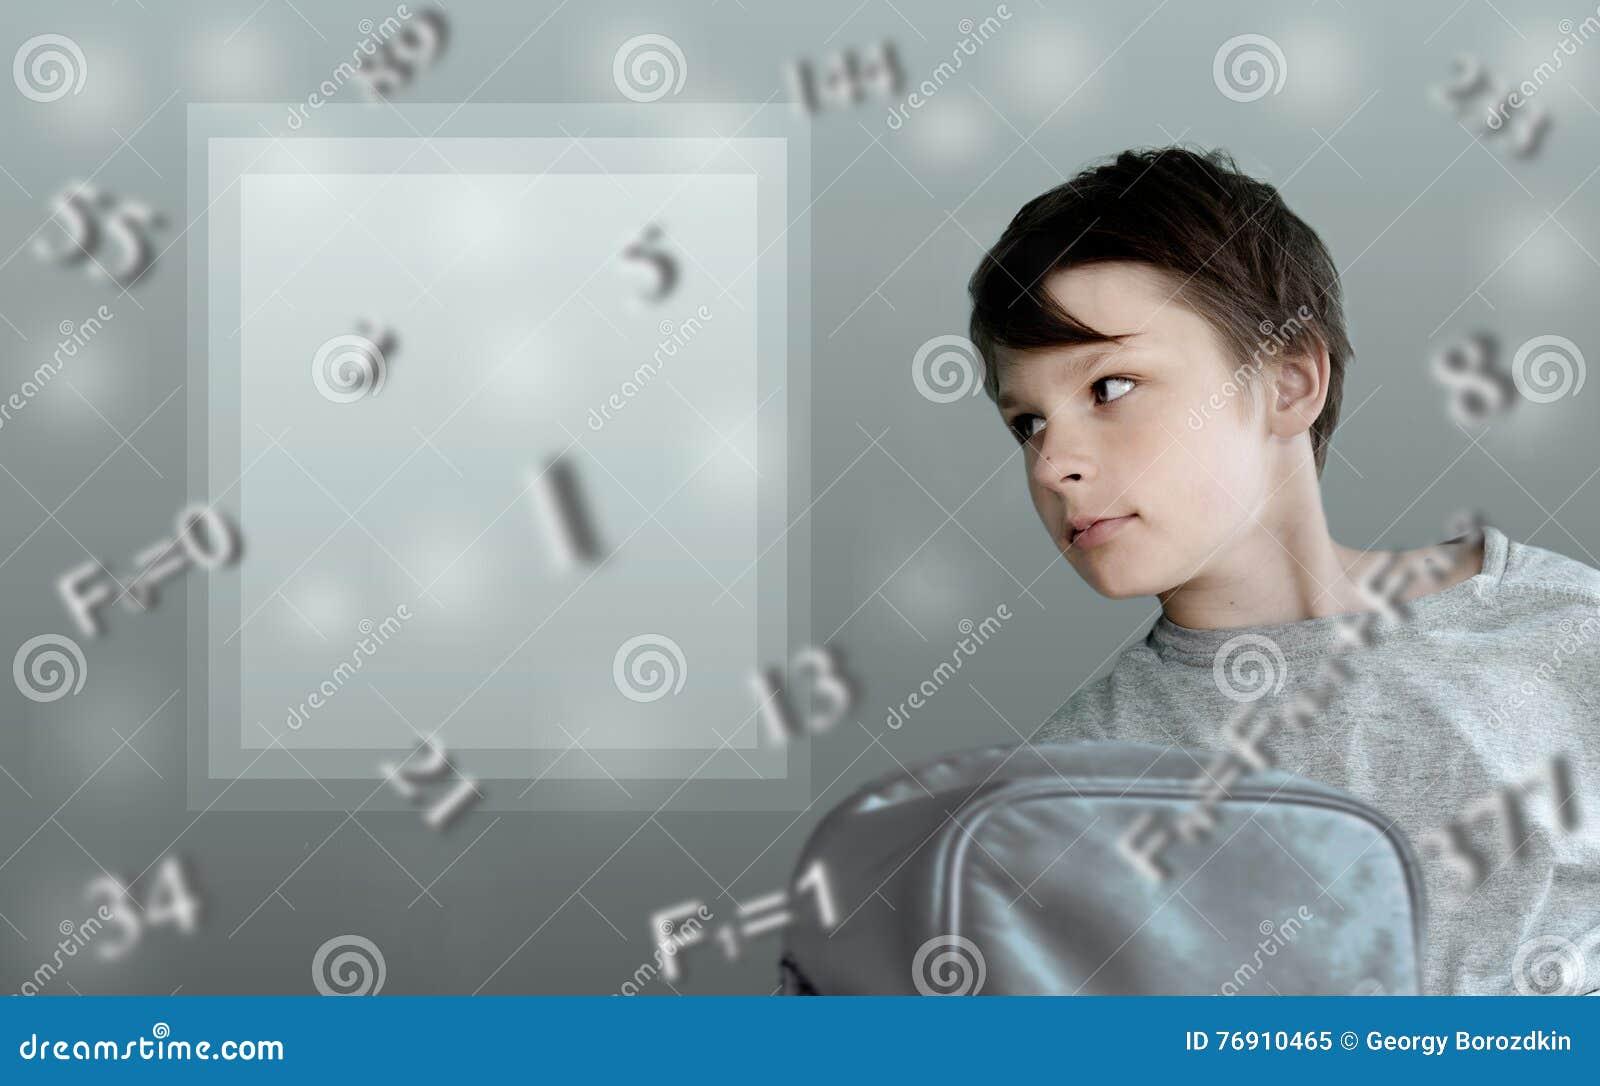 Bambini e formule fibonacci ragazzo con lo zaino della scuola sui precedenti di matematico